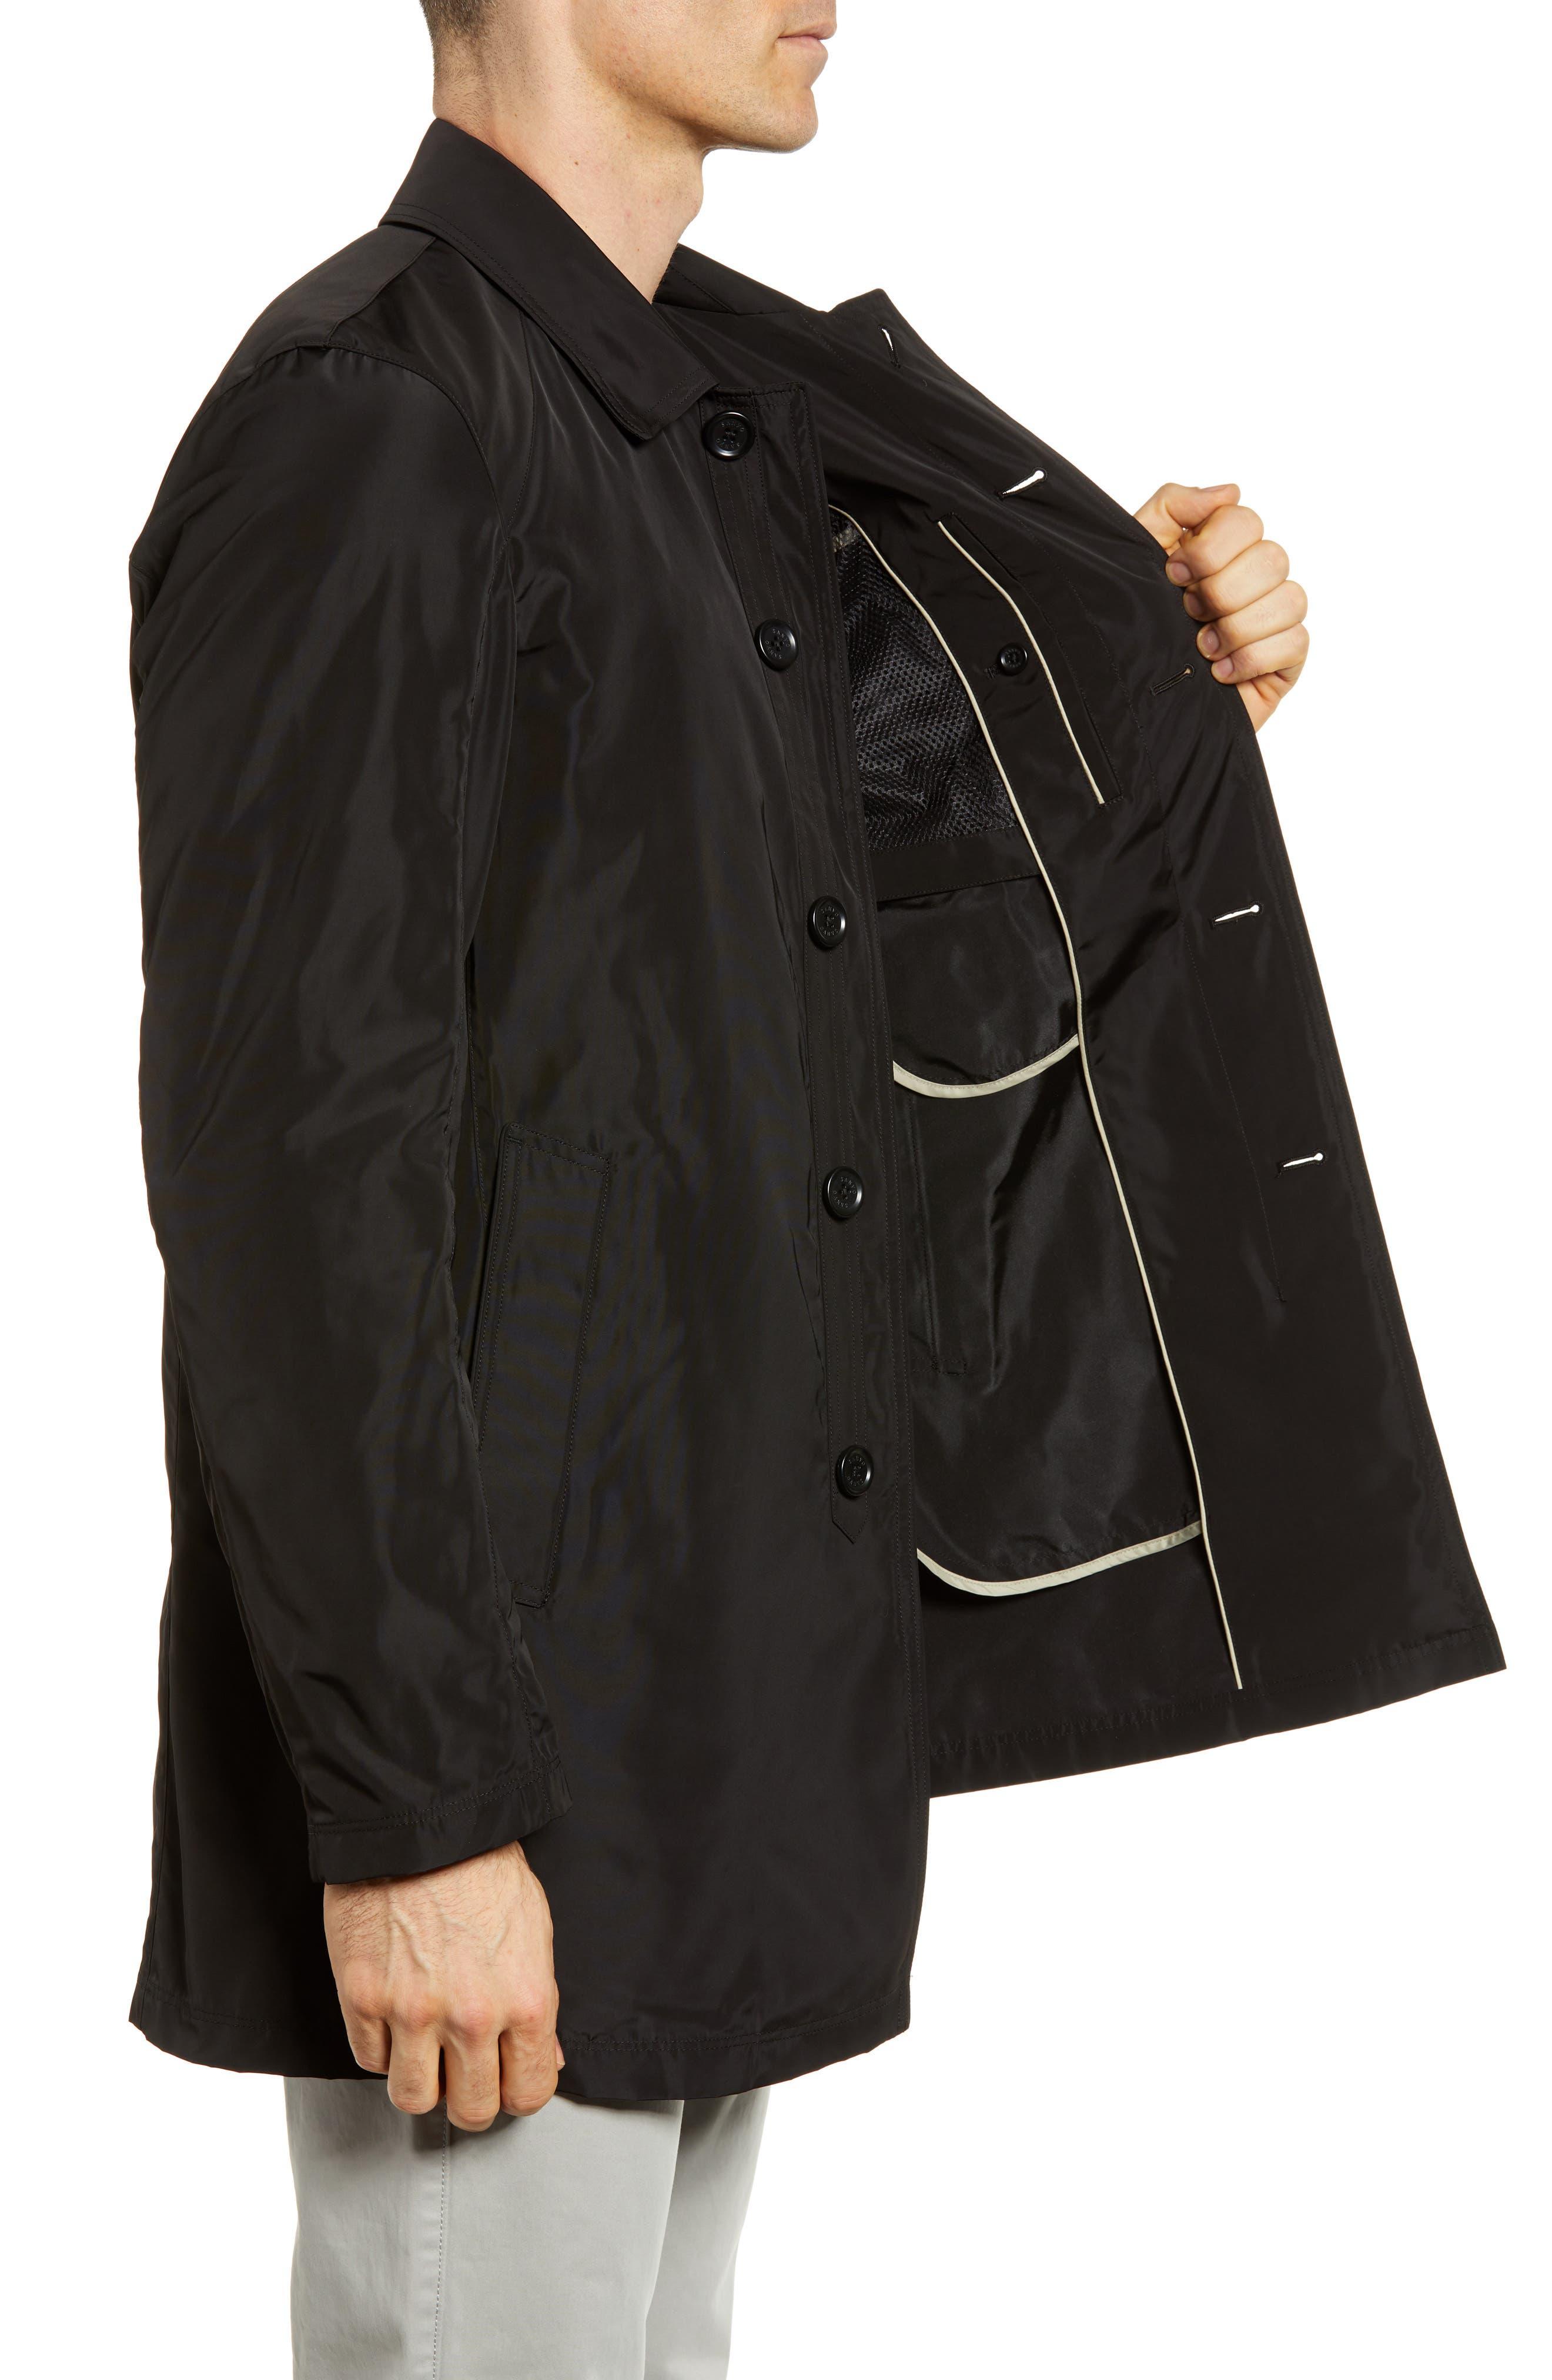 S/B Raincoat,                             Alternate thumbnail 3, color,                             Black